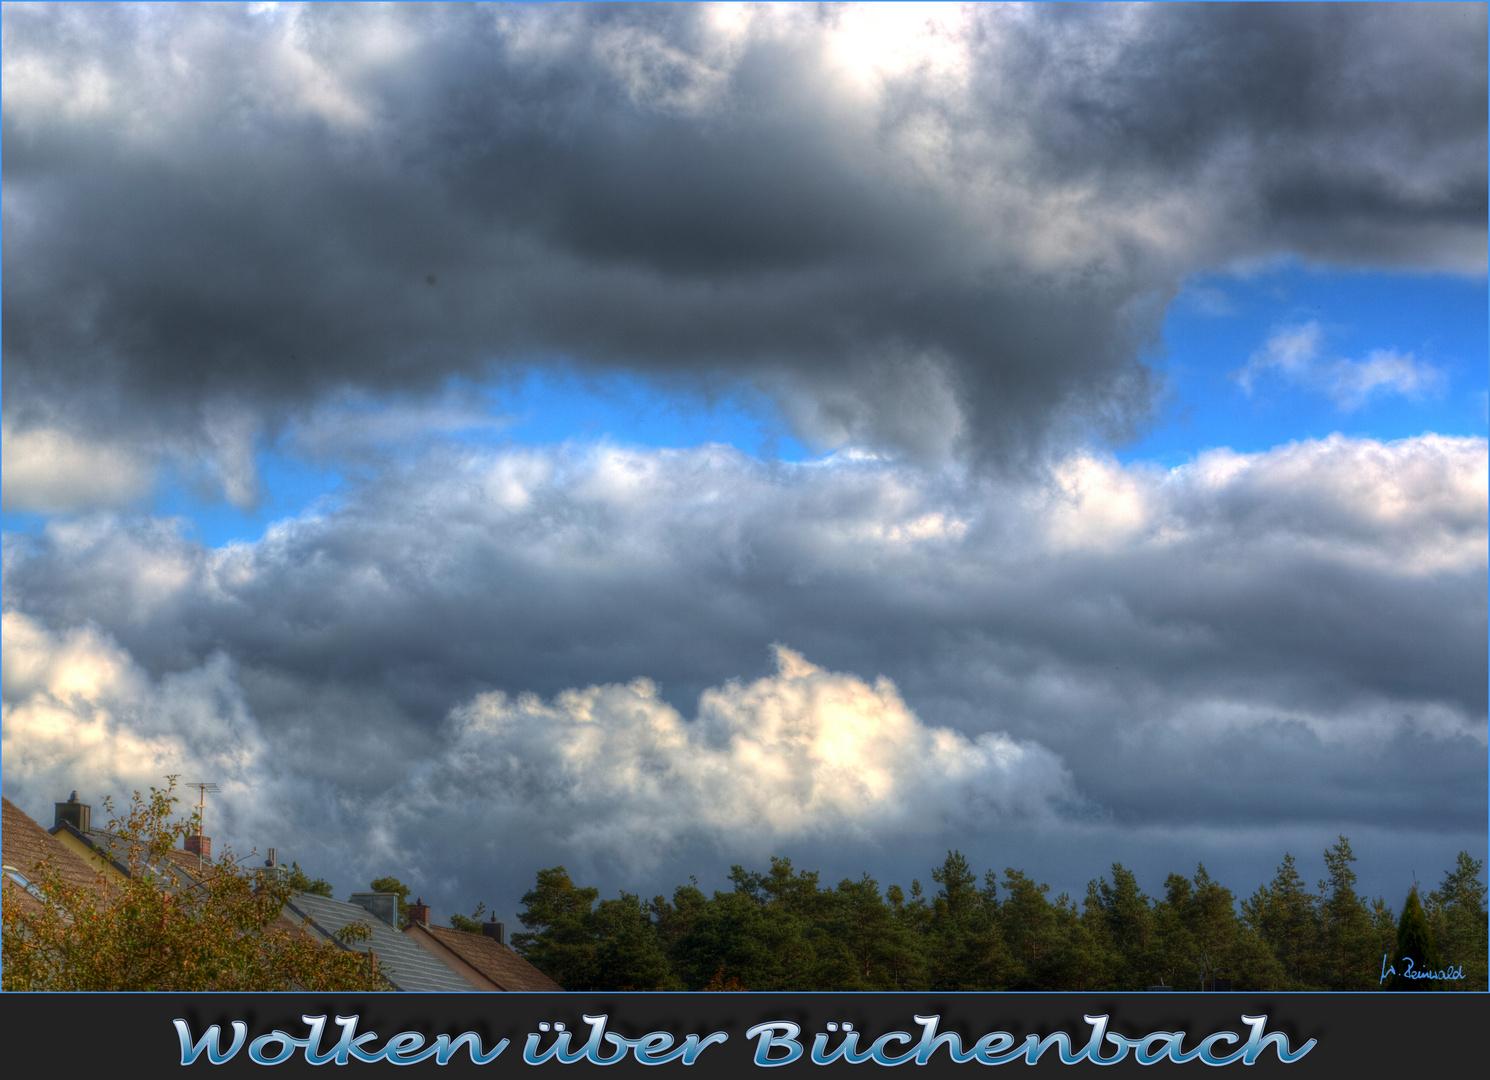 Wolken über Büchenbach